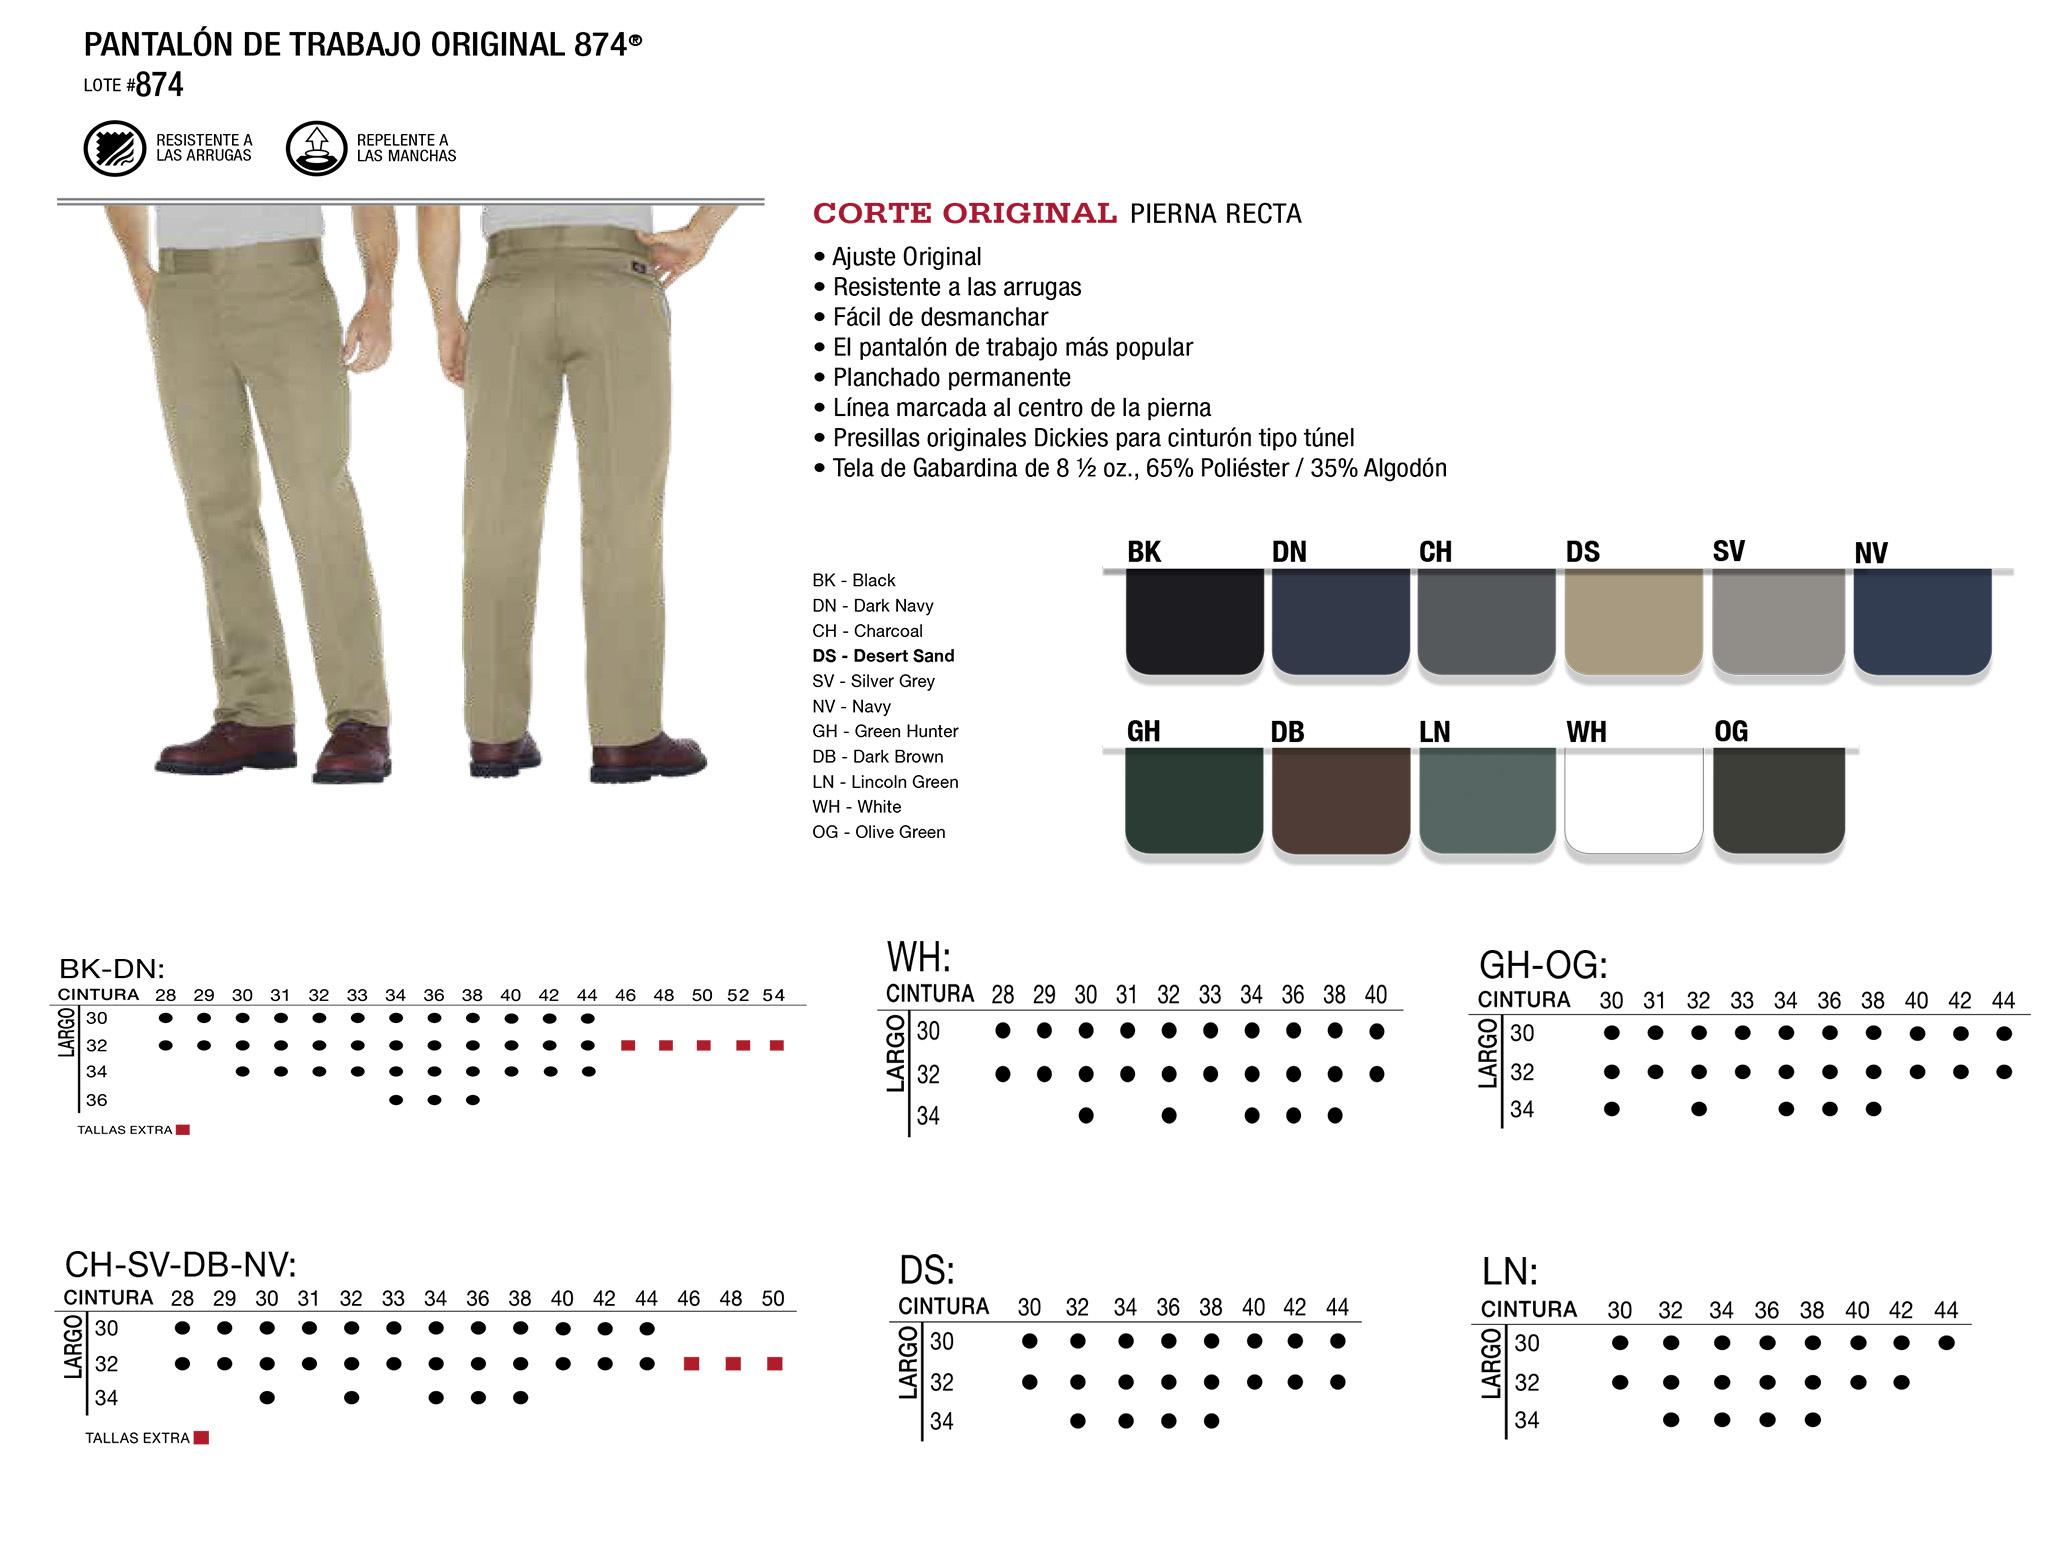 Pantalón de Trabajo Original 874. Corte Original. 874.